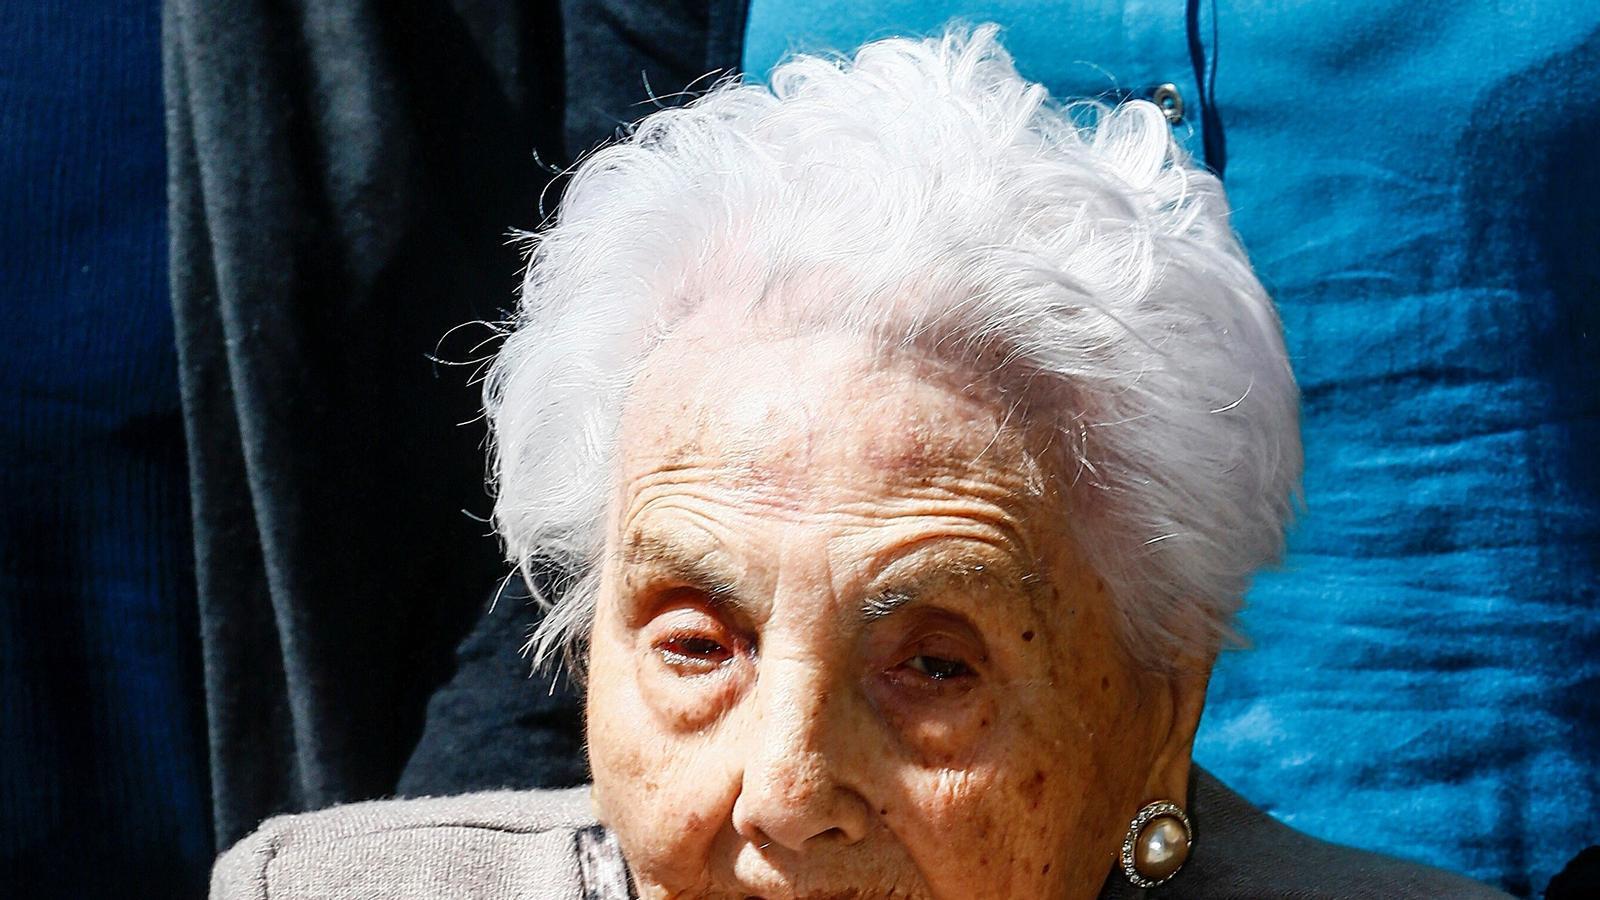 Fotografia de l'abril d'aquest any d'Ana Vela Rubio, la dona més gran d'Europa, que ha mort a Barcelona als 116 anys